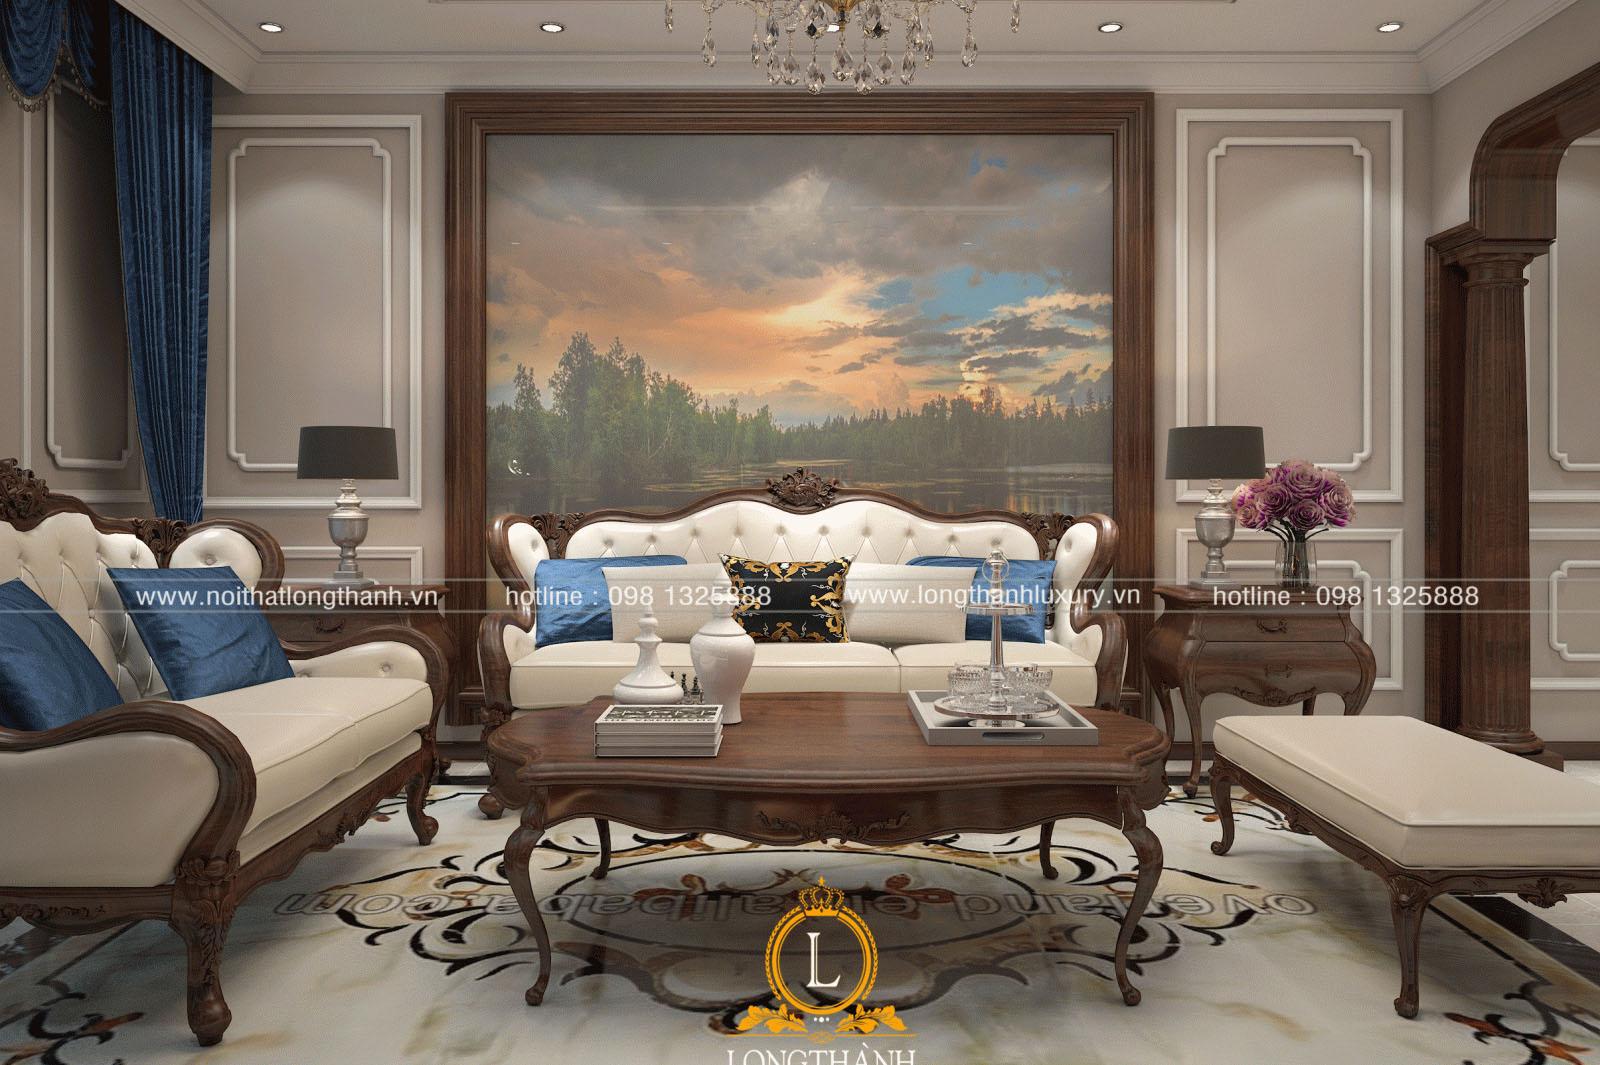 Mẫu sofa tân cổ điển đẹp LT09 góc nhìn thứ 1